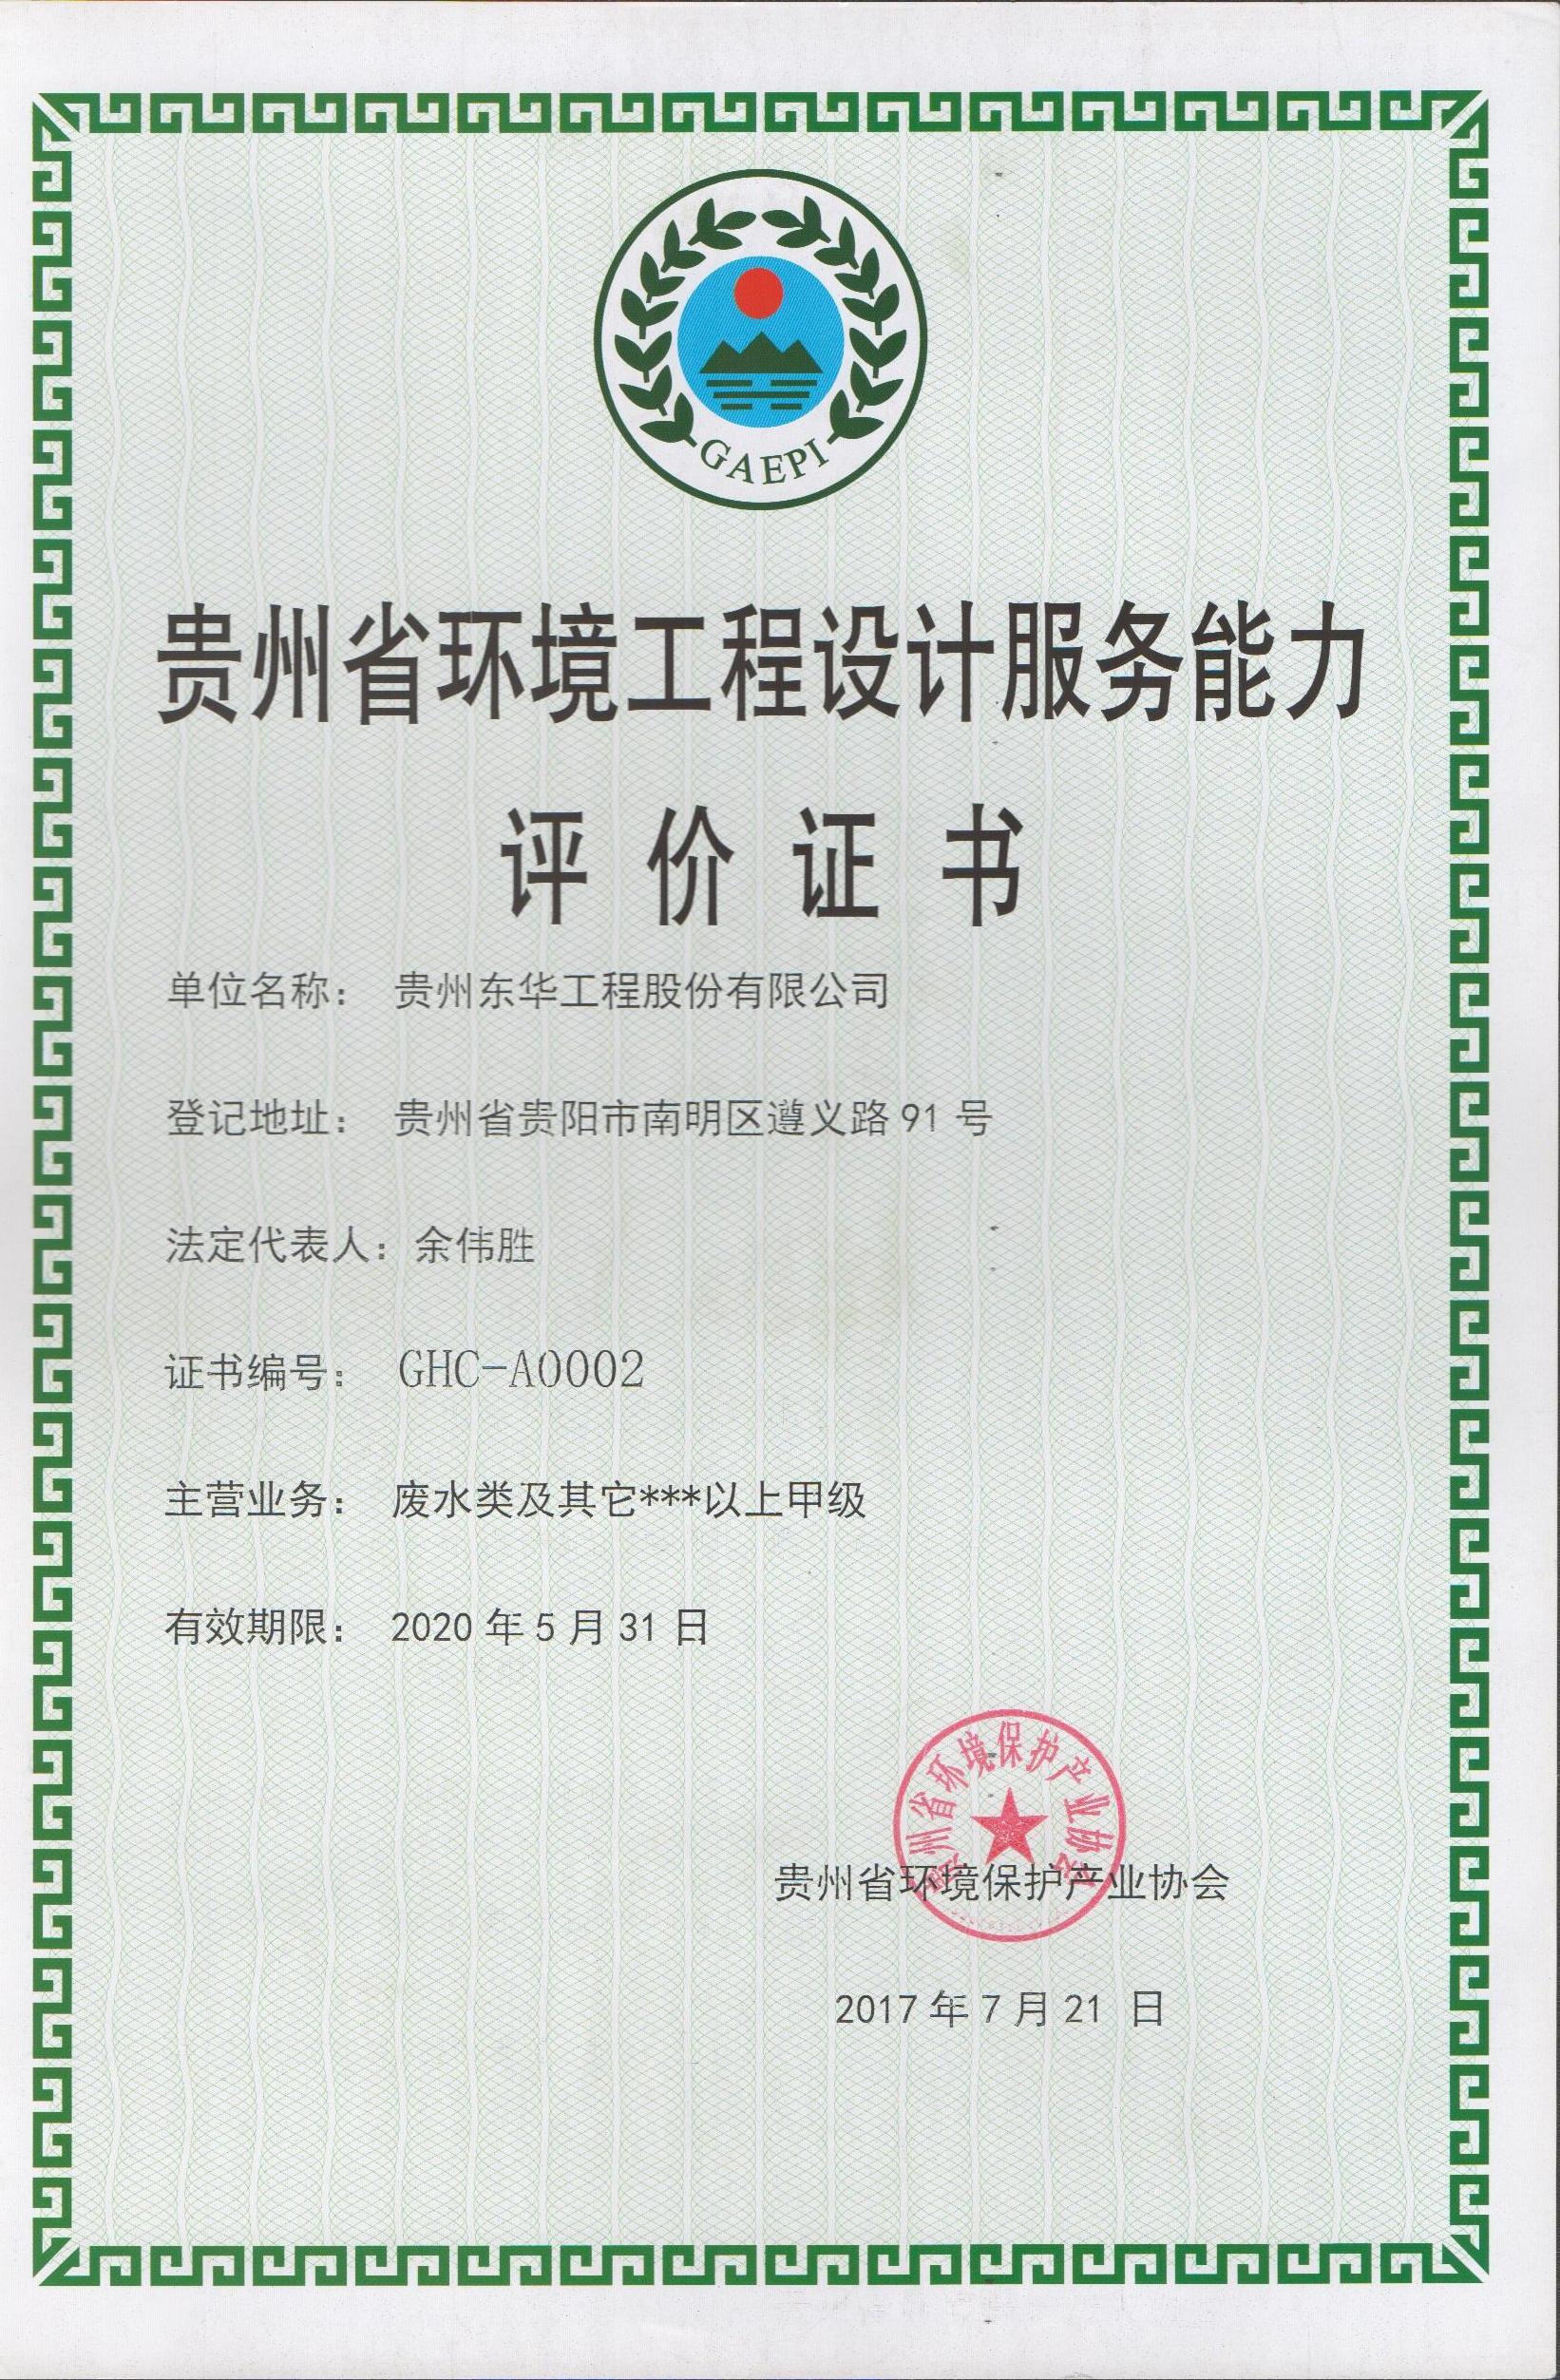 环境工程设计服务能力评价证书